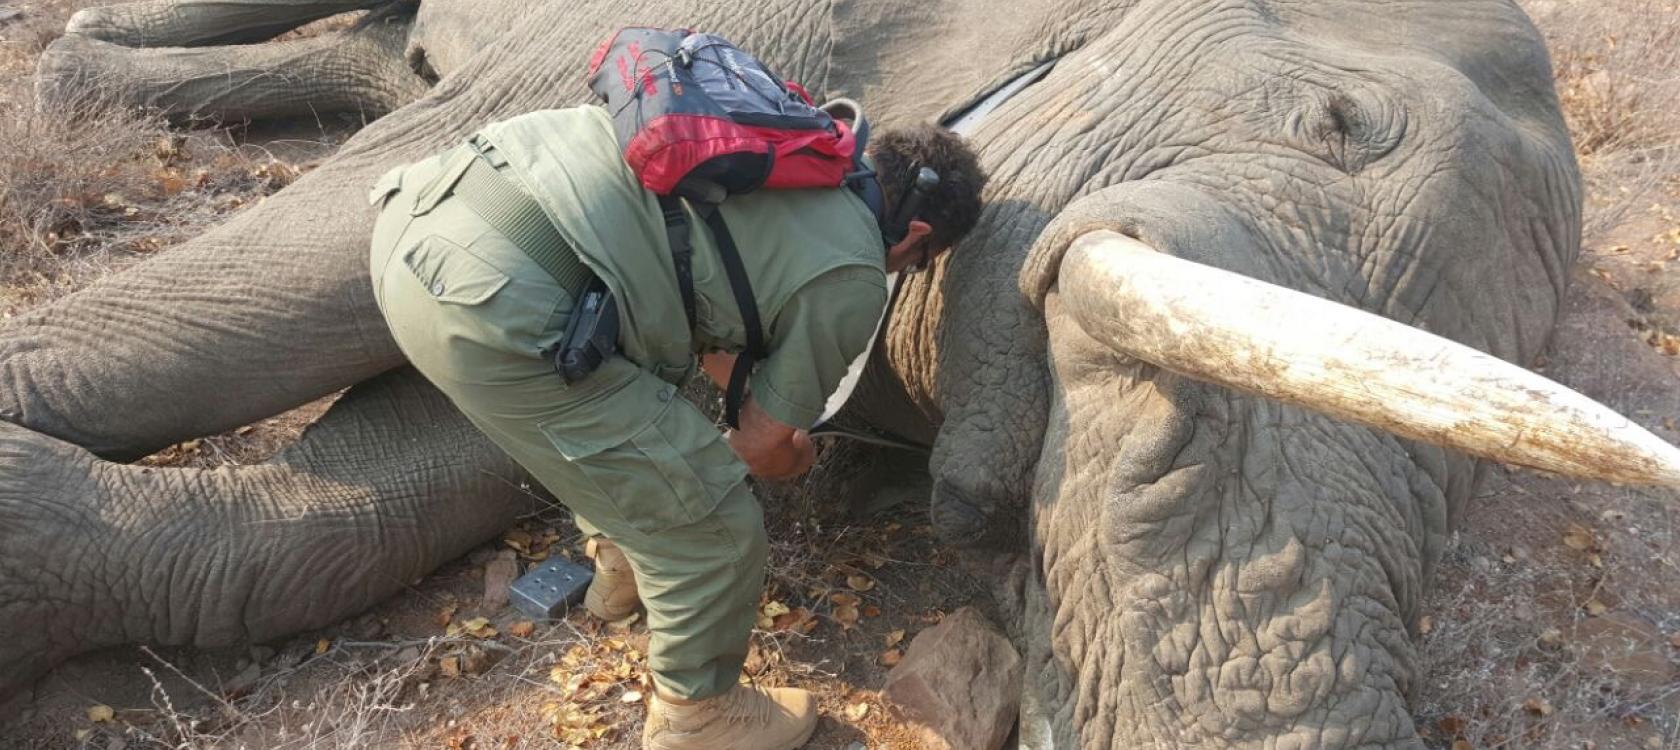 elephant-ivoire-braconnage-mozambique